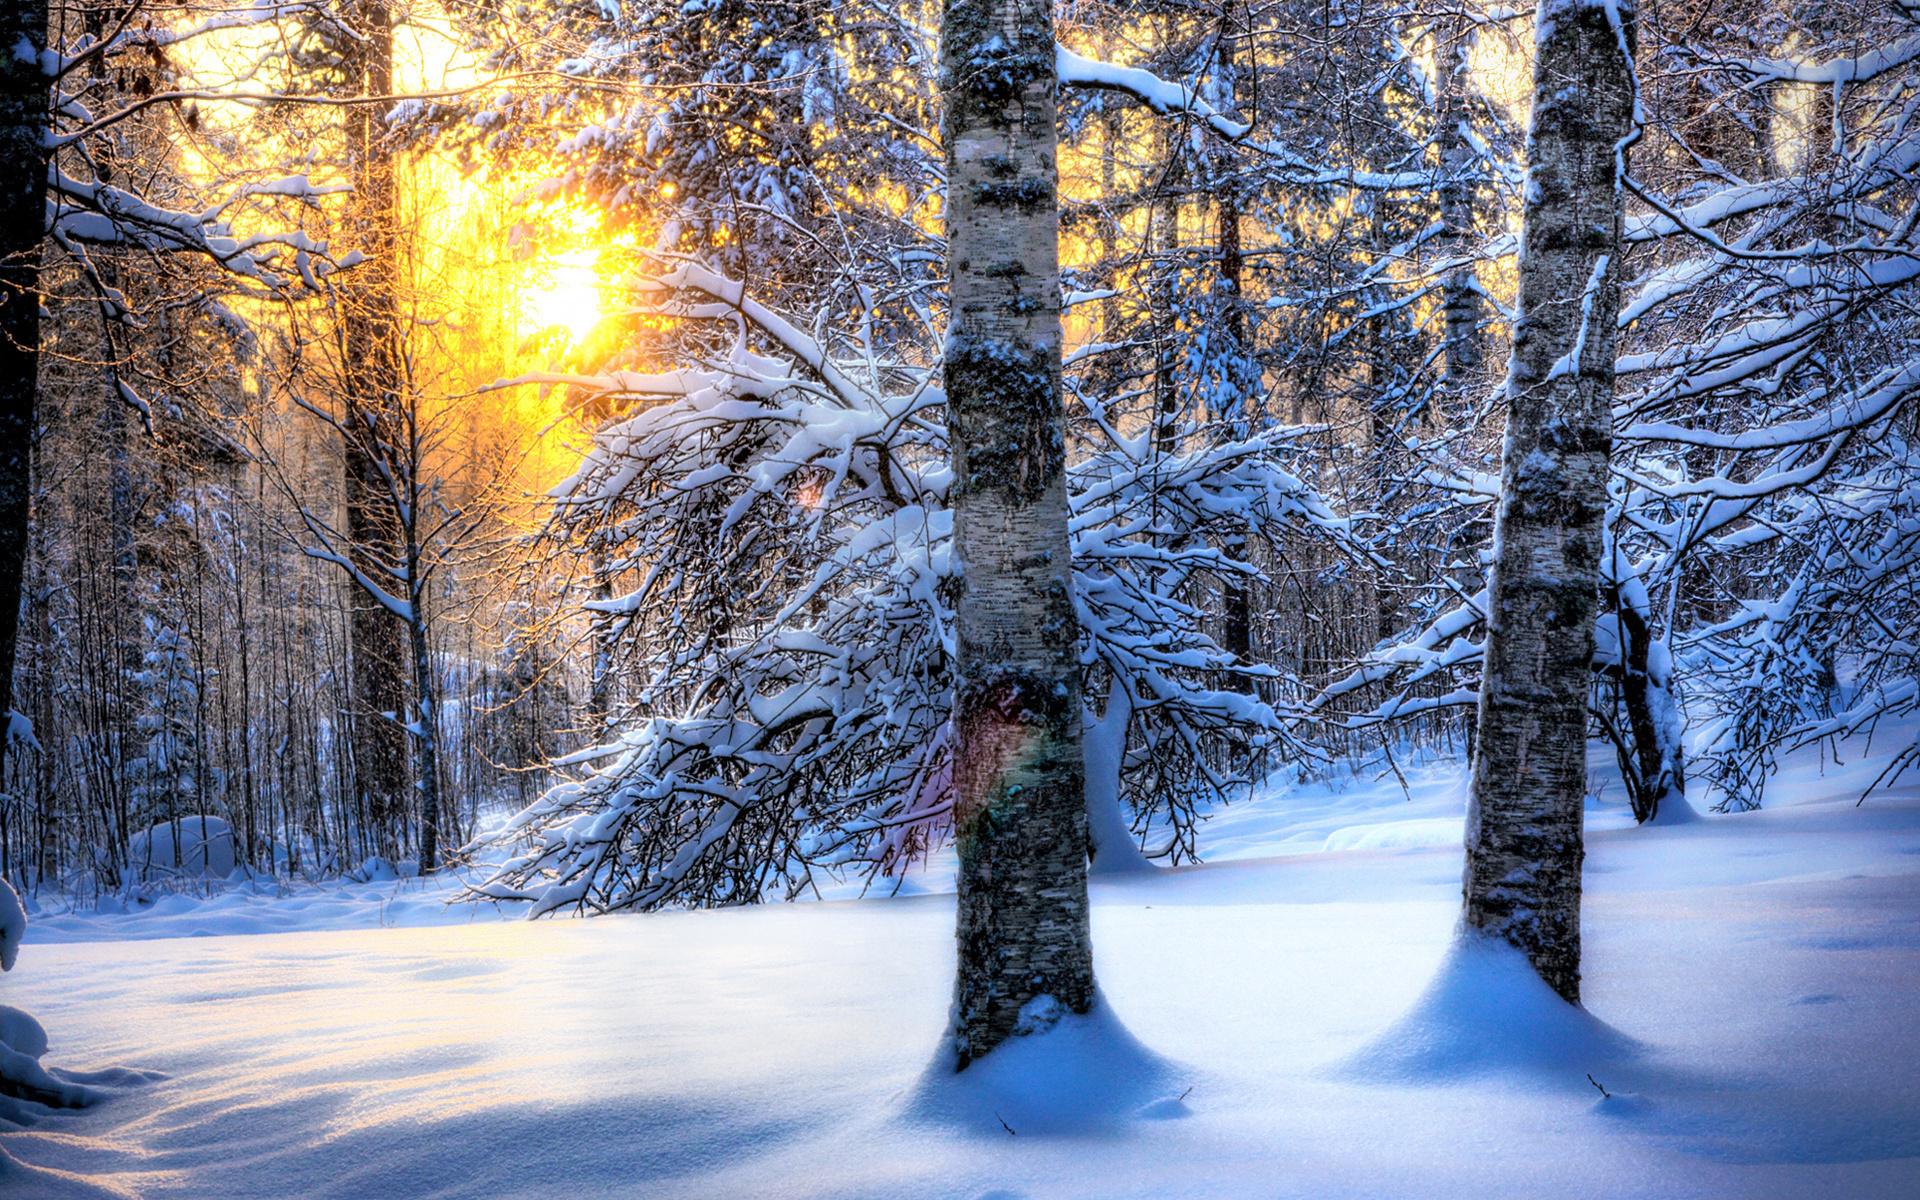 Картинки сказочный лес зимой, нов годом